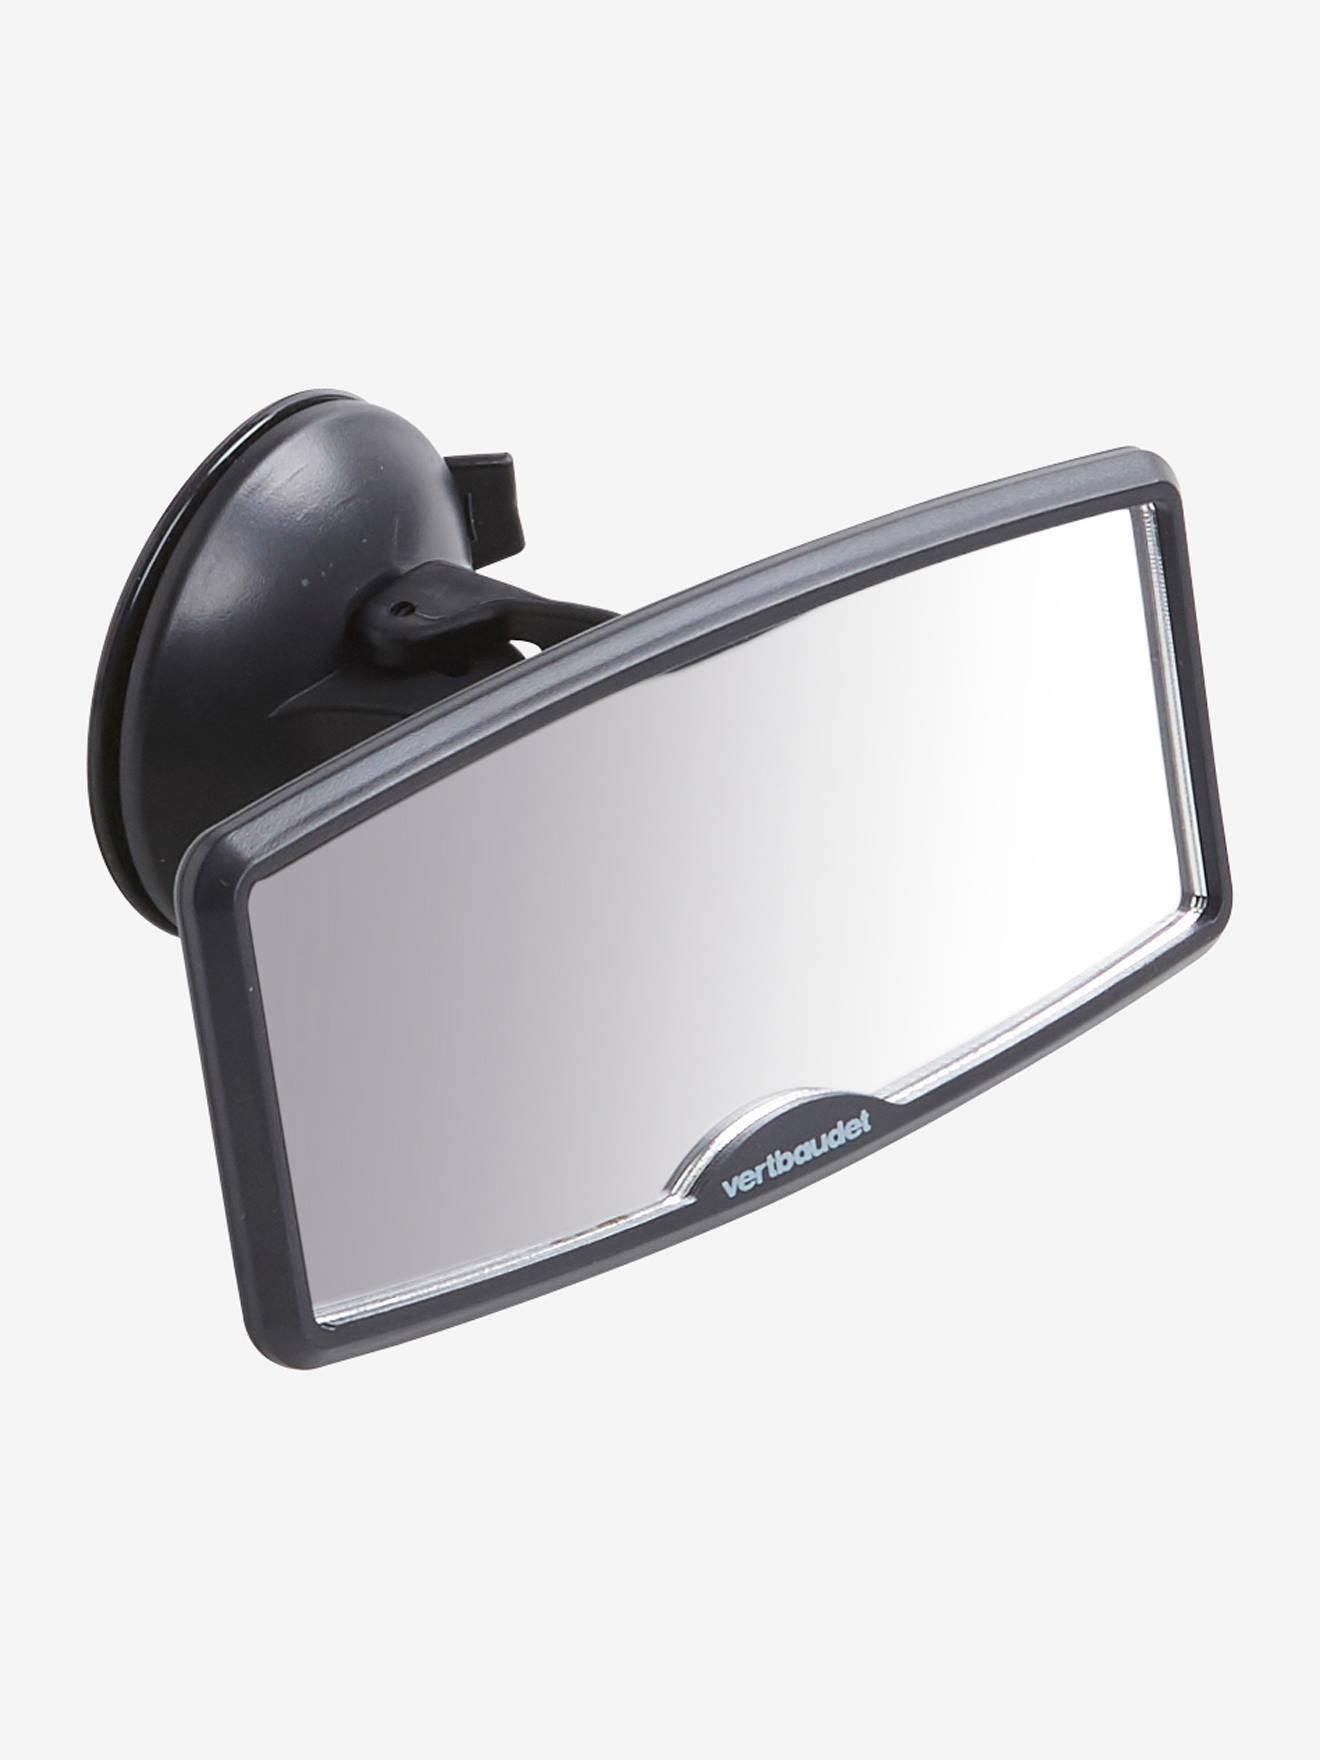 Vertbaudet Babyspiegel für das Auto schwarz von vertbaudet